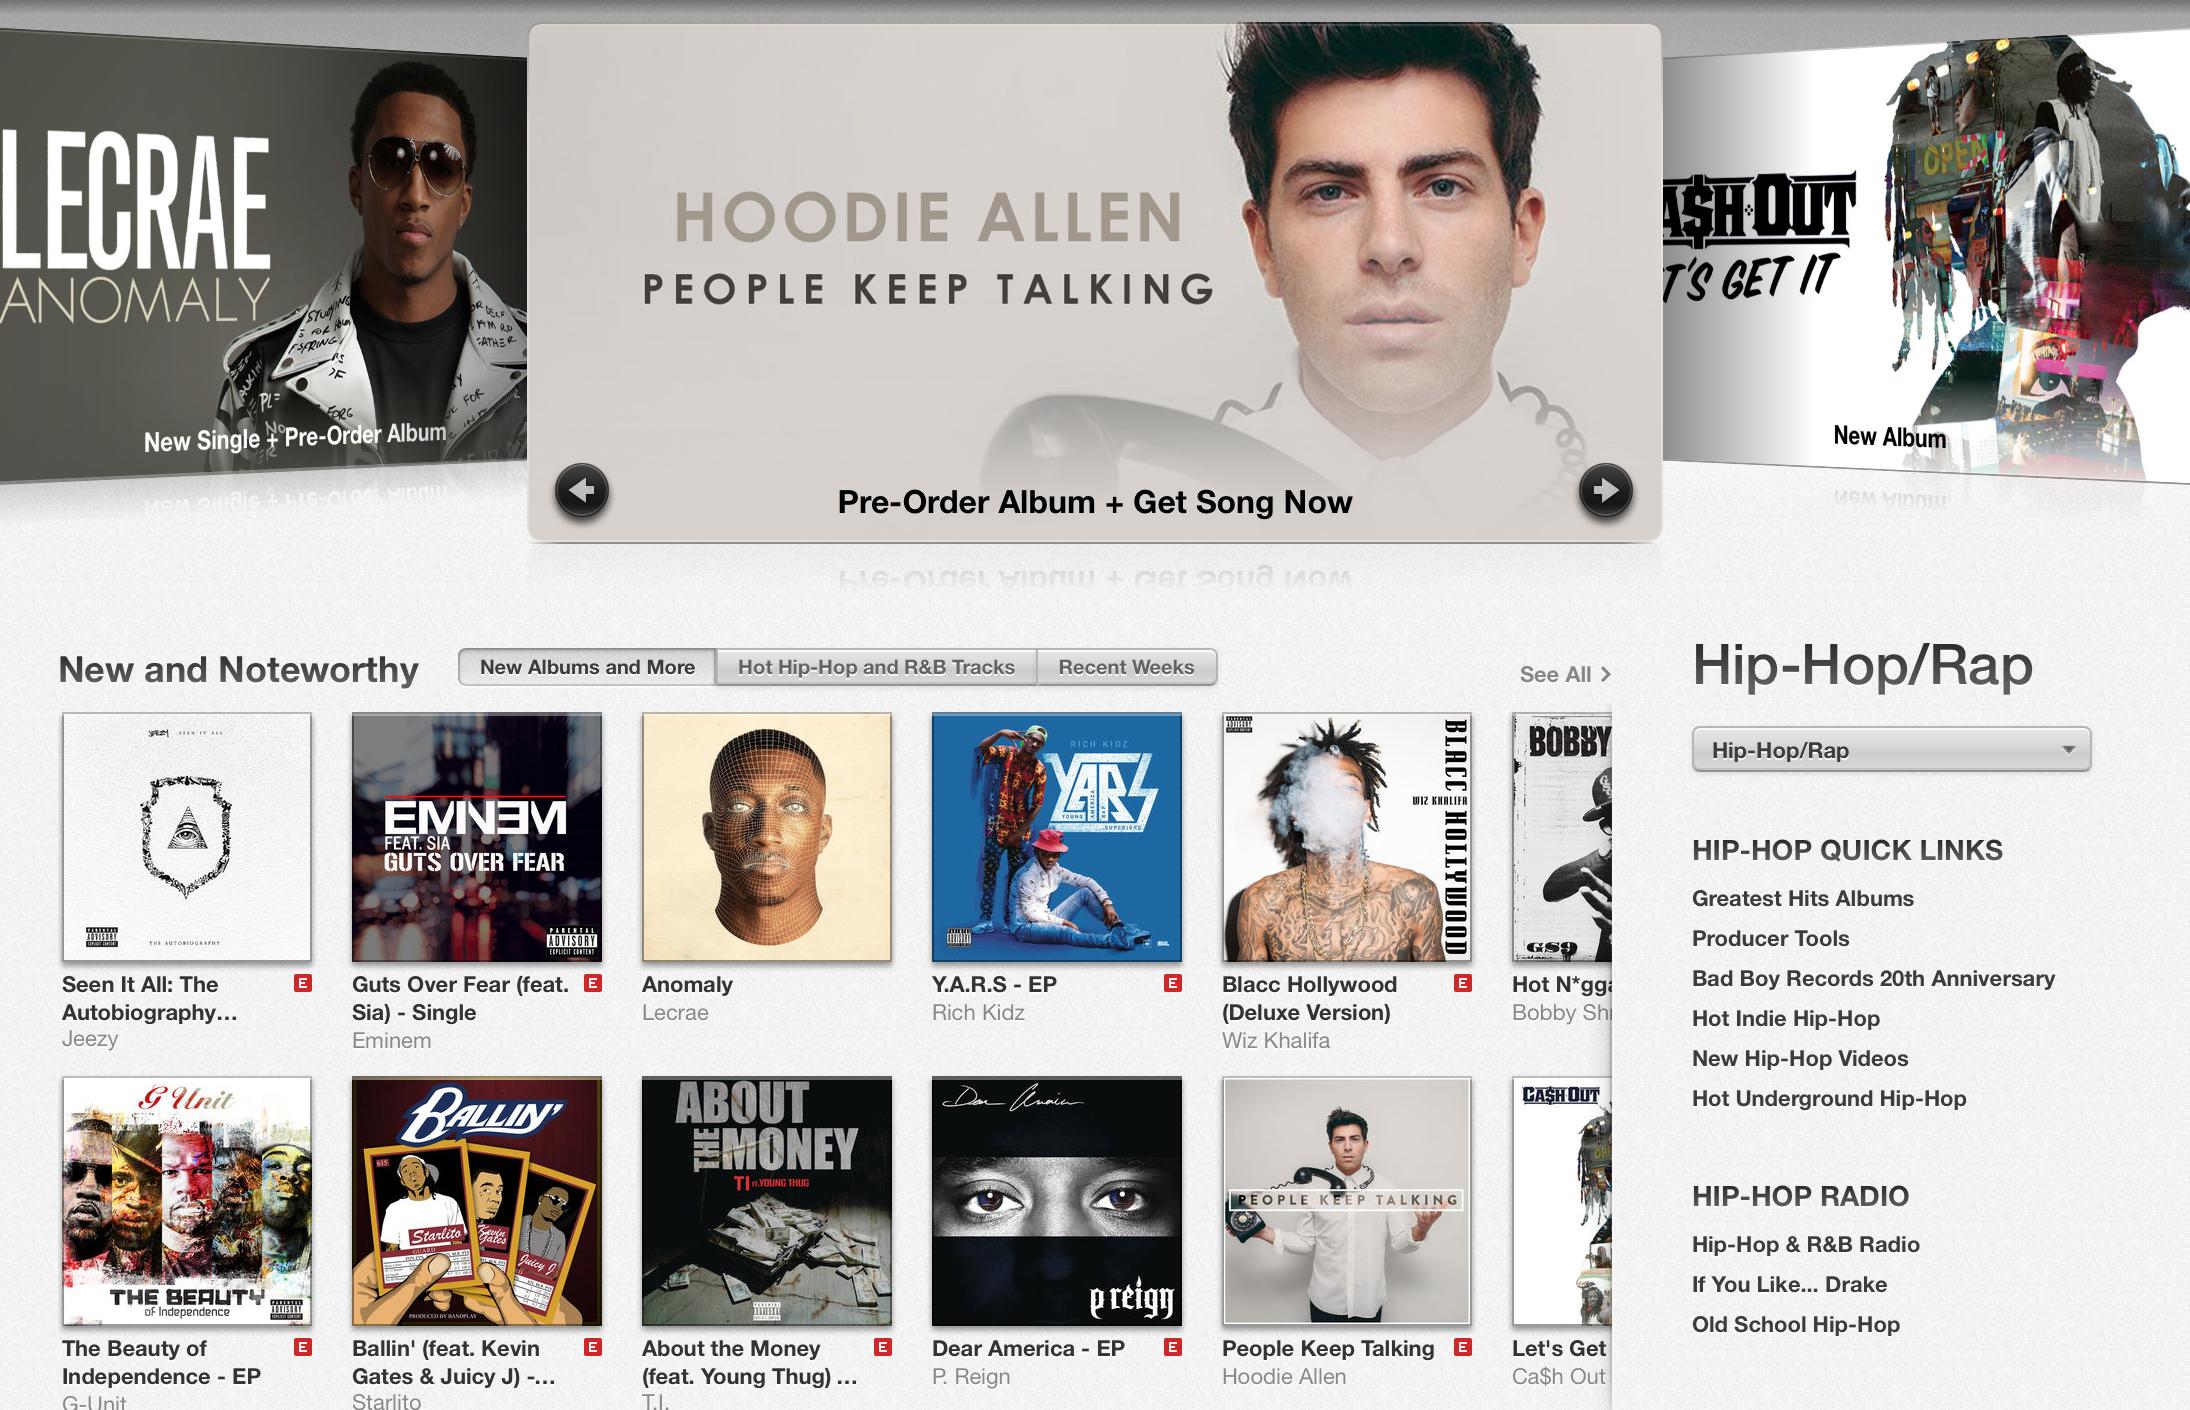 Hoodie Allen - People Keep Talking on iTunes 2014